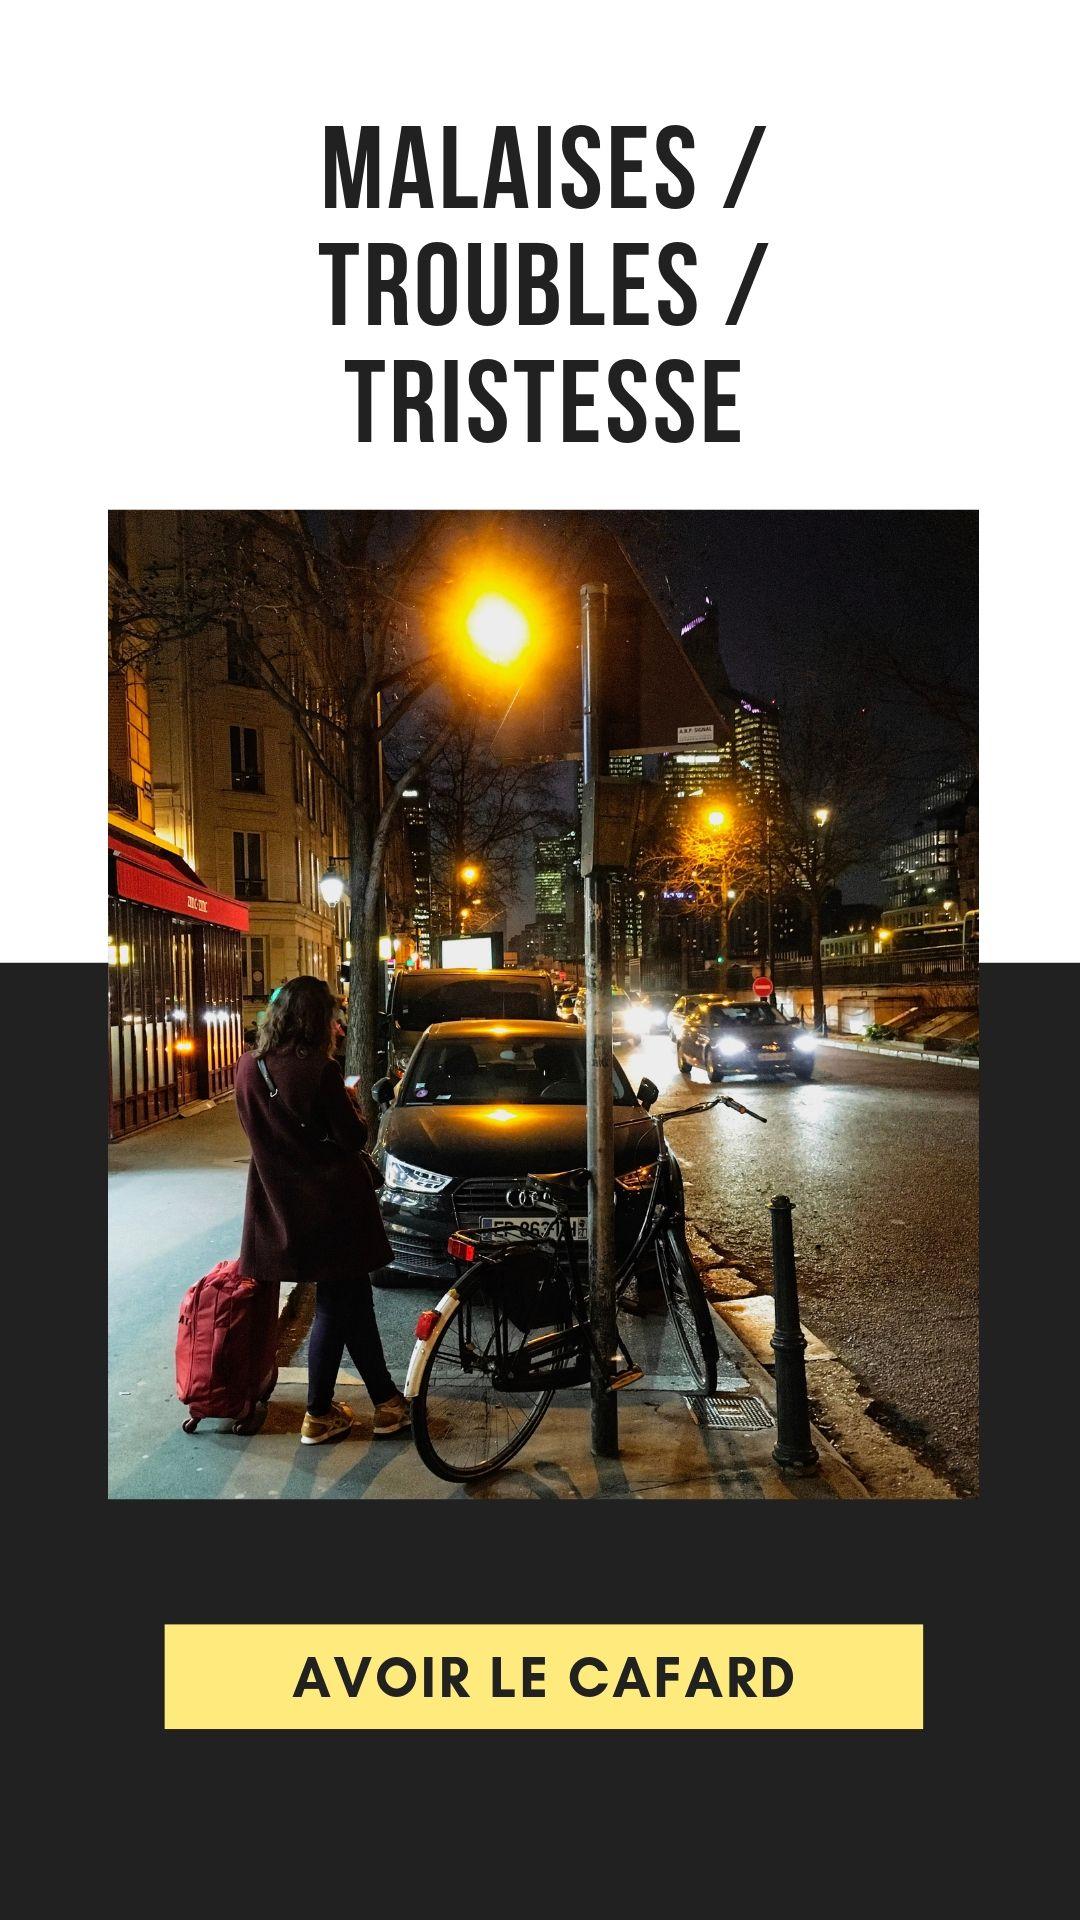 Malaises / troubles / tristesse: Francuskie wyrażenia wyrażające złe samopoczucie, stany niedomagania...